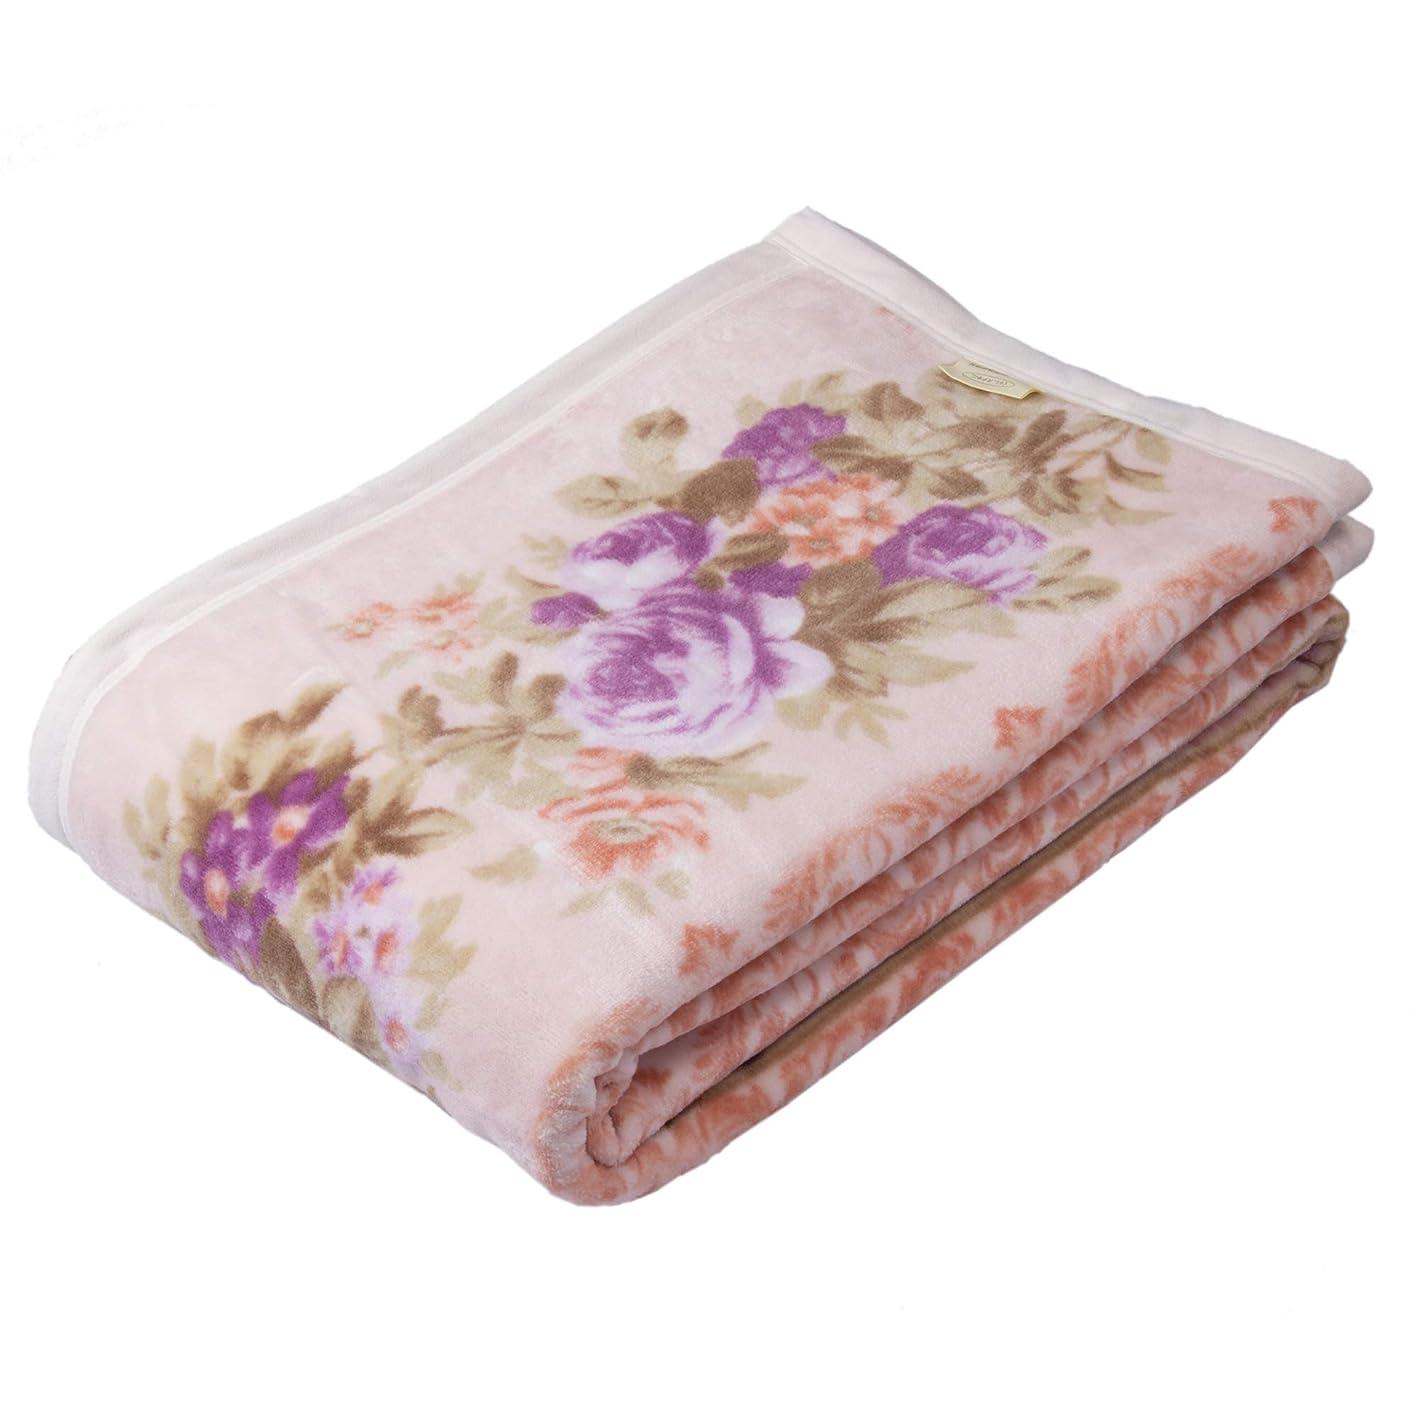 ピジンスイ生西川(Nishikawa) 綿毛布 ピンク シングル 綿100% 日本製 ふわふわ インダス綿 マイモデル FQ09061002P